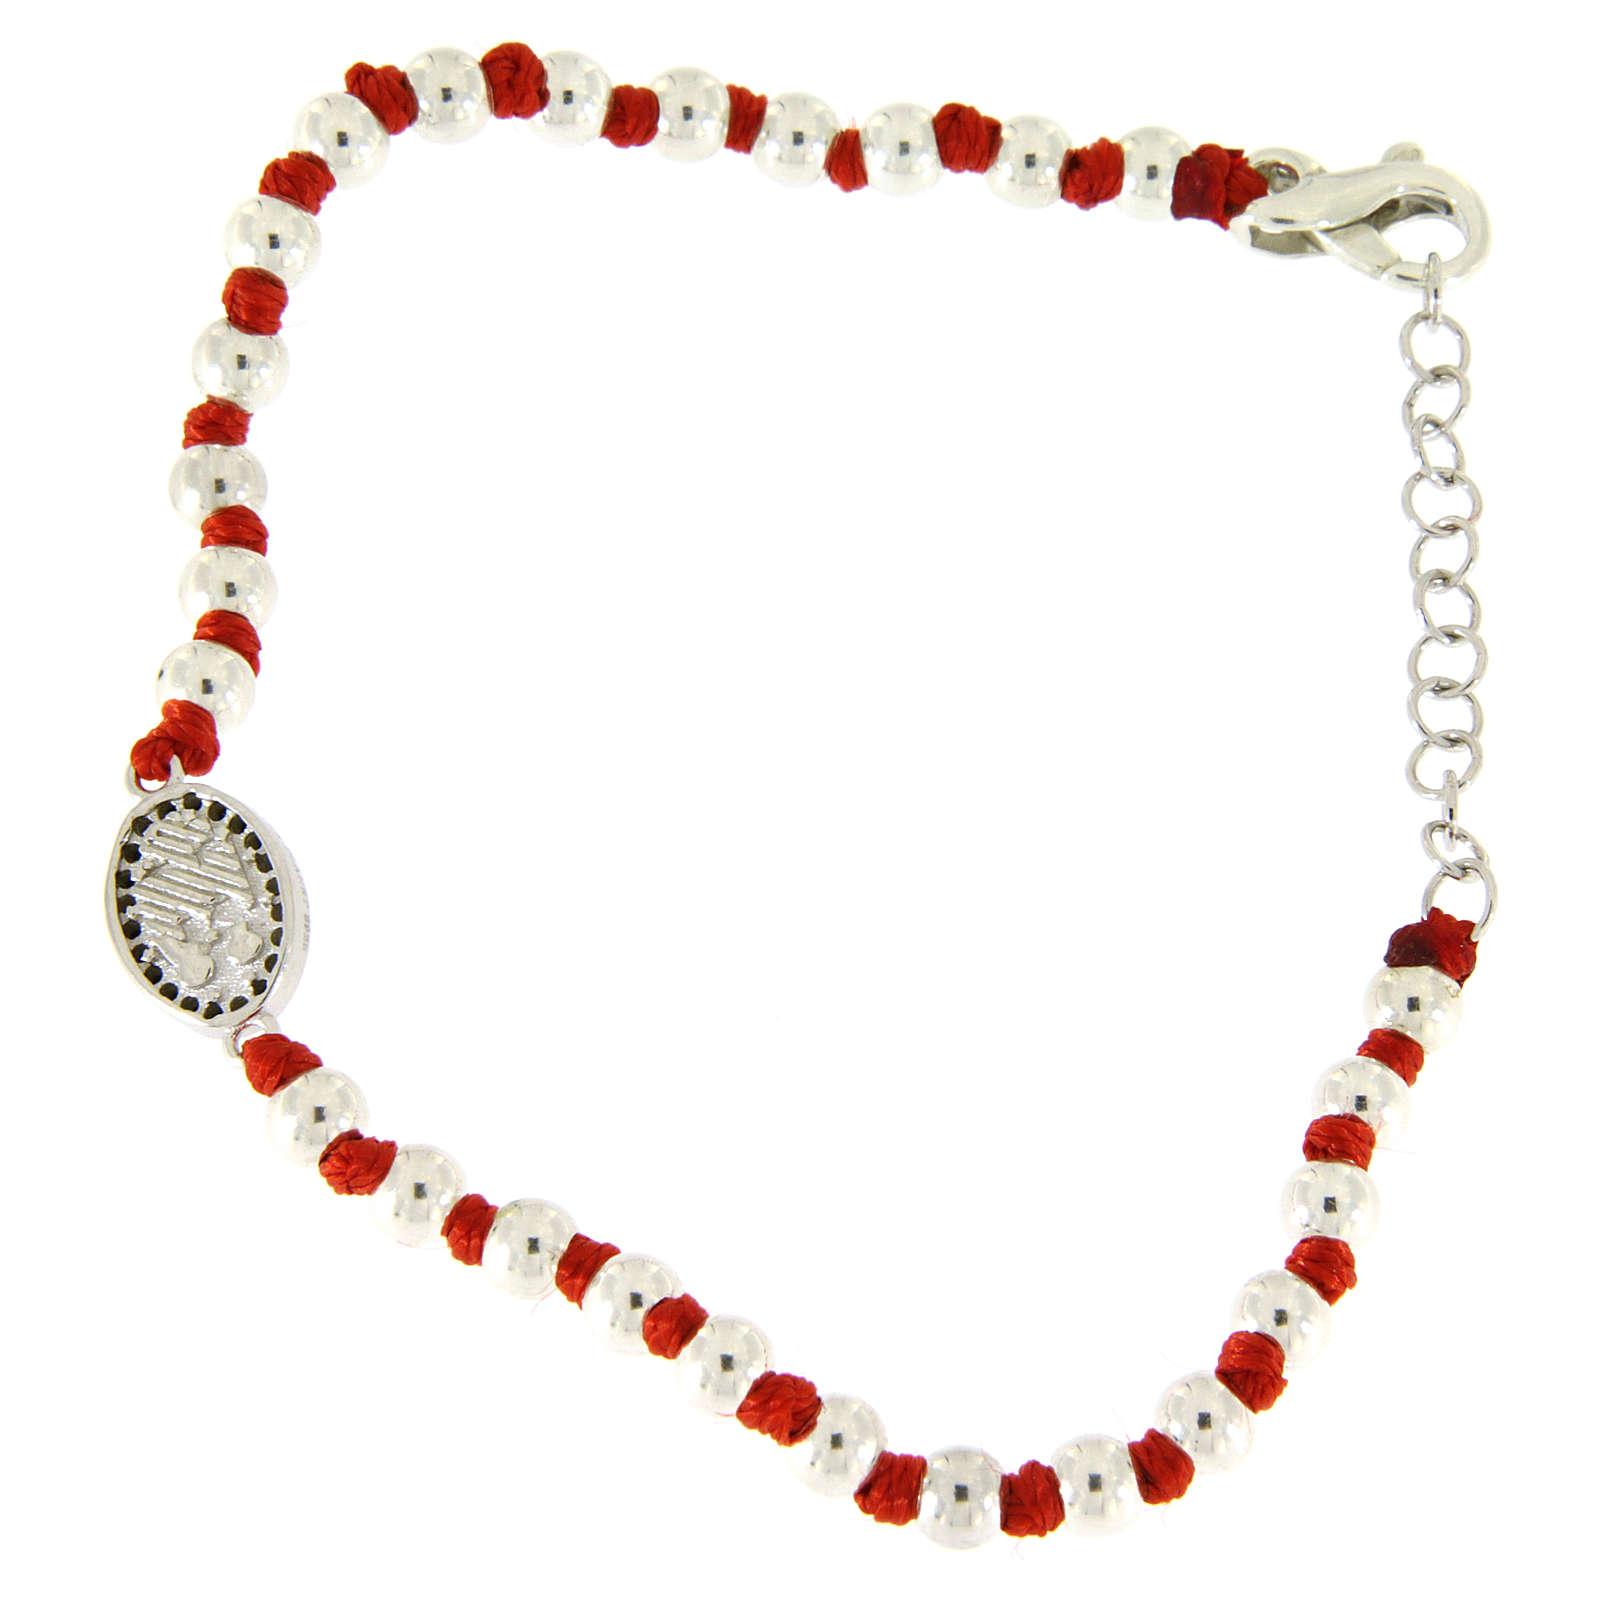 Pulsera pequeña medalla S. Rita plata y zircones negros, esferas plata 3 mm y nudos algodón rojo 4